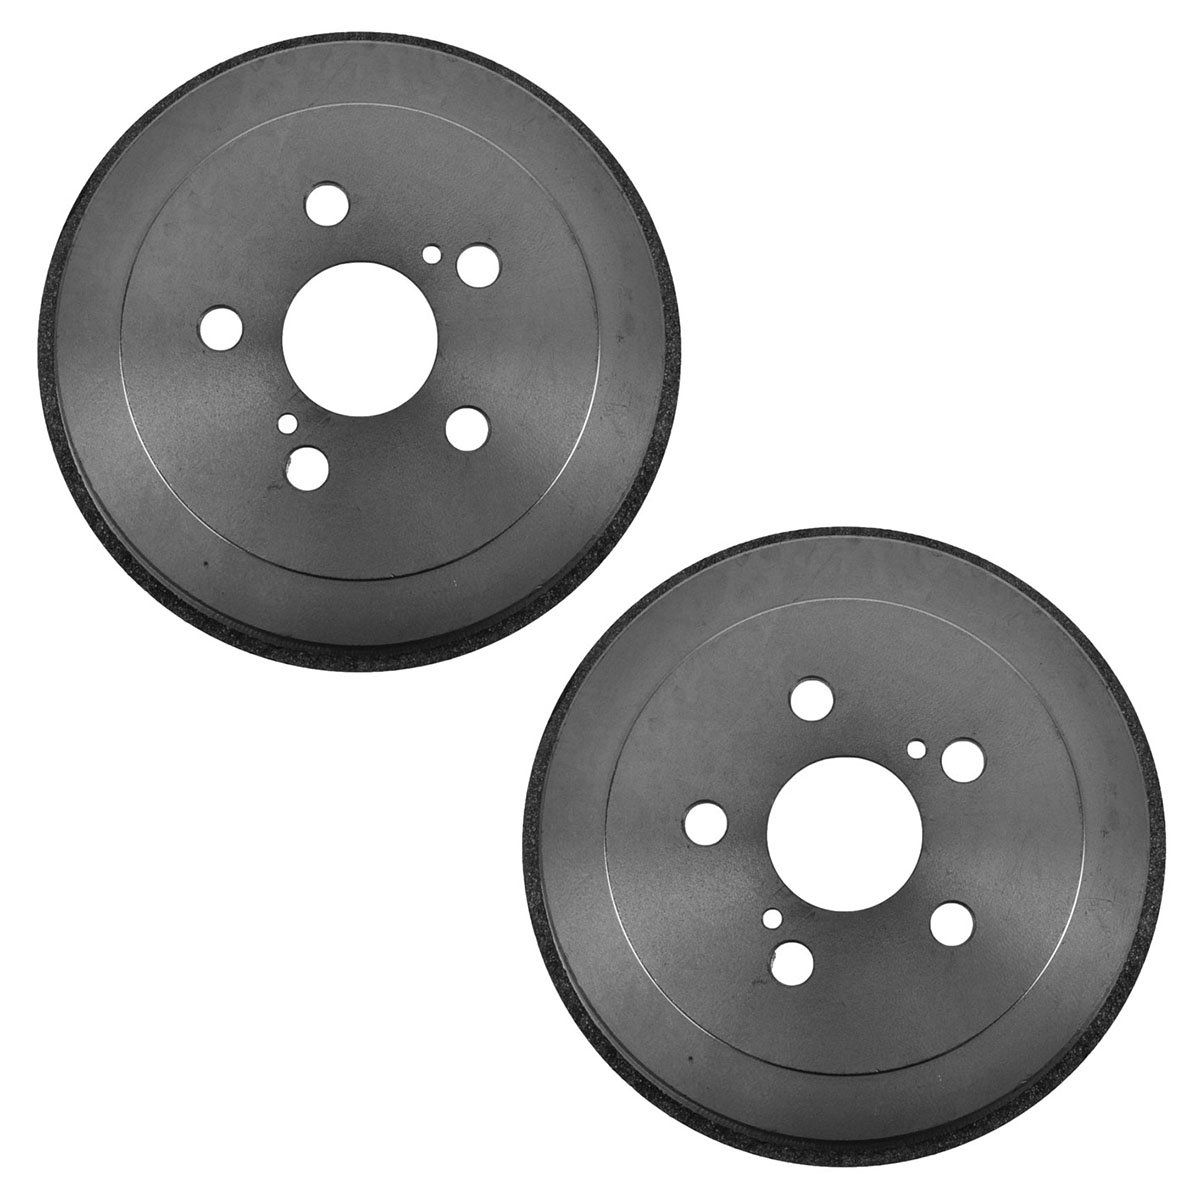 Brake Drum Rear Left LH /& Right RH Pair for Toyota Celica Corolla Prius